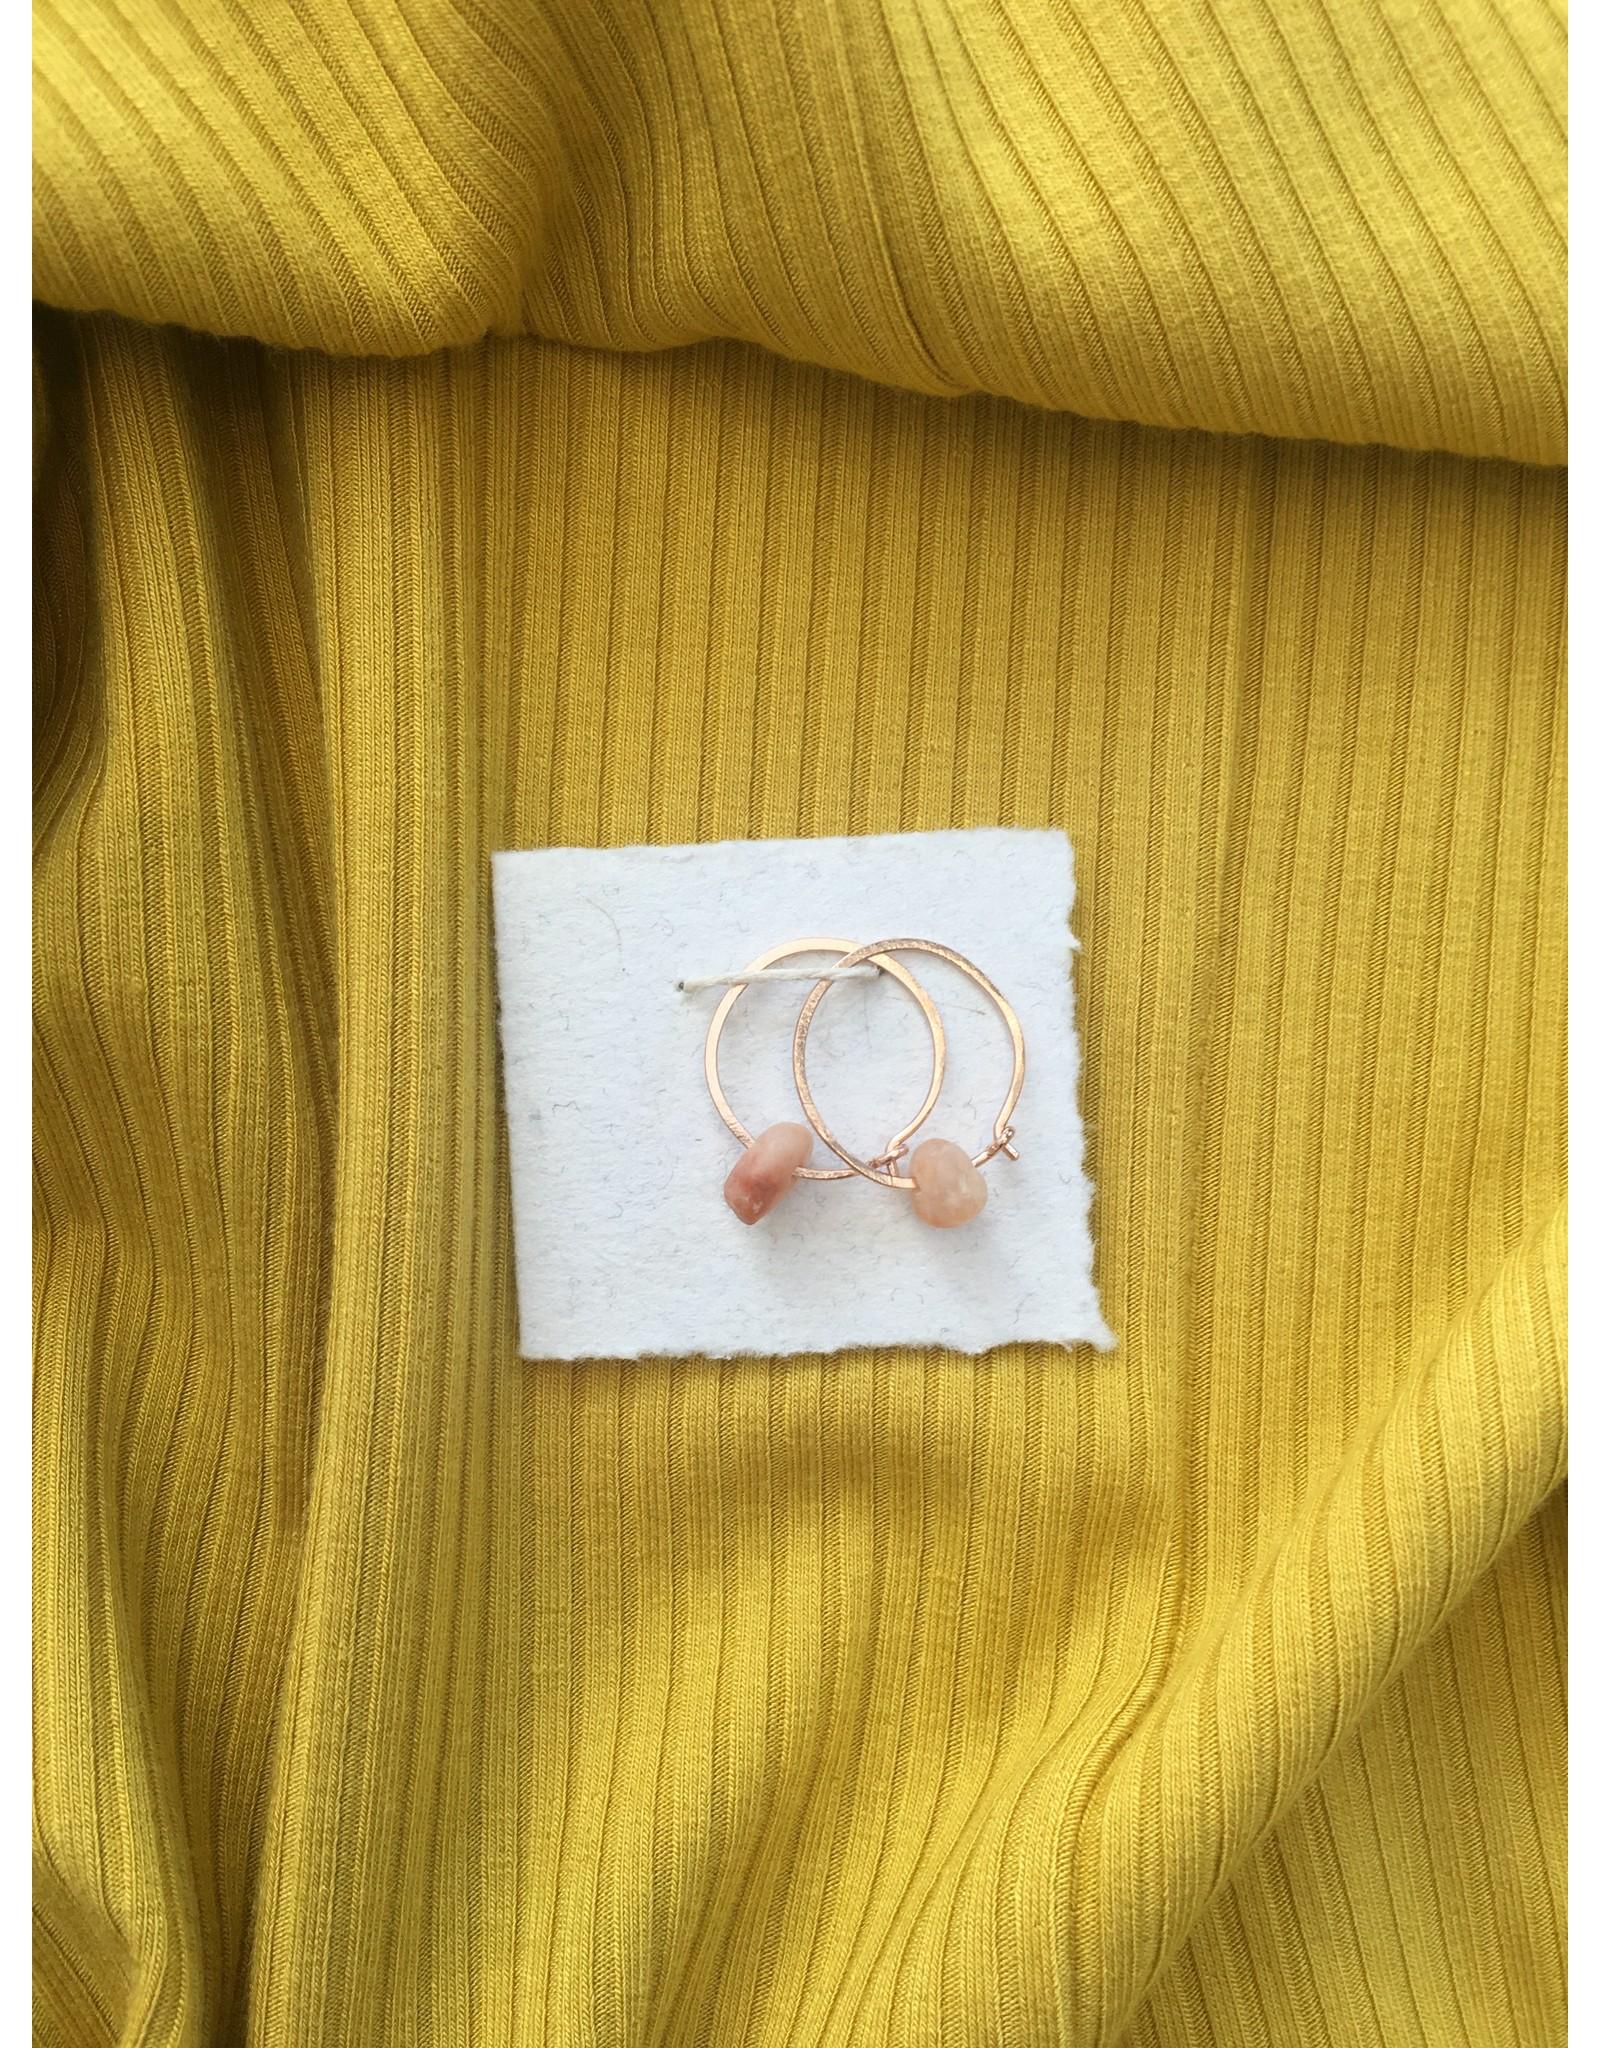 Les Parcelles Boucles d'oreilles  Anneaux Martelés 14K - Pierres roses foncées